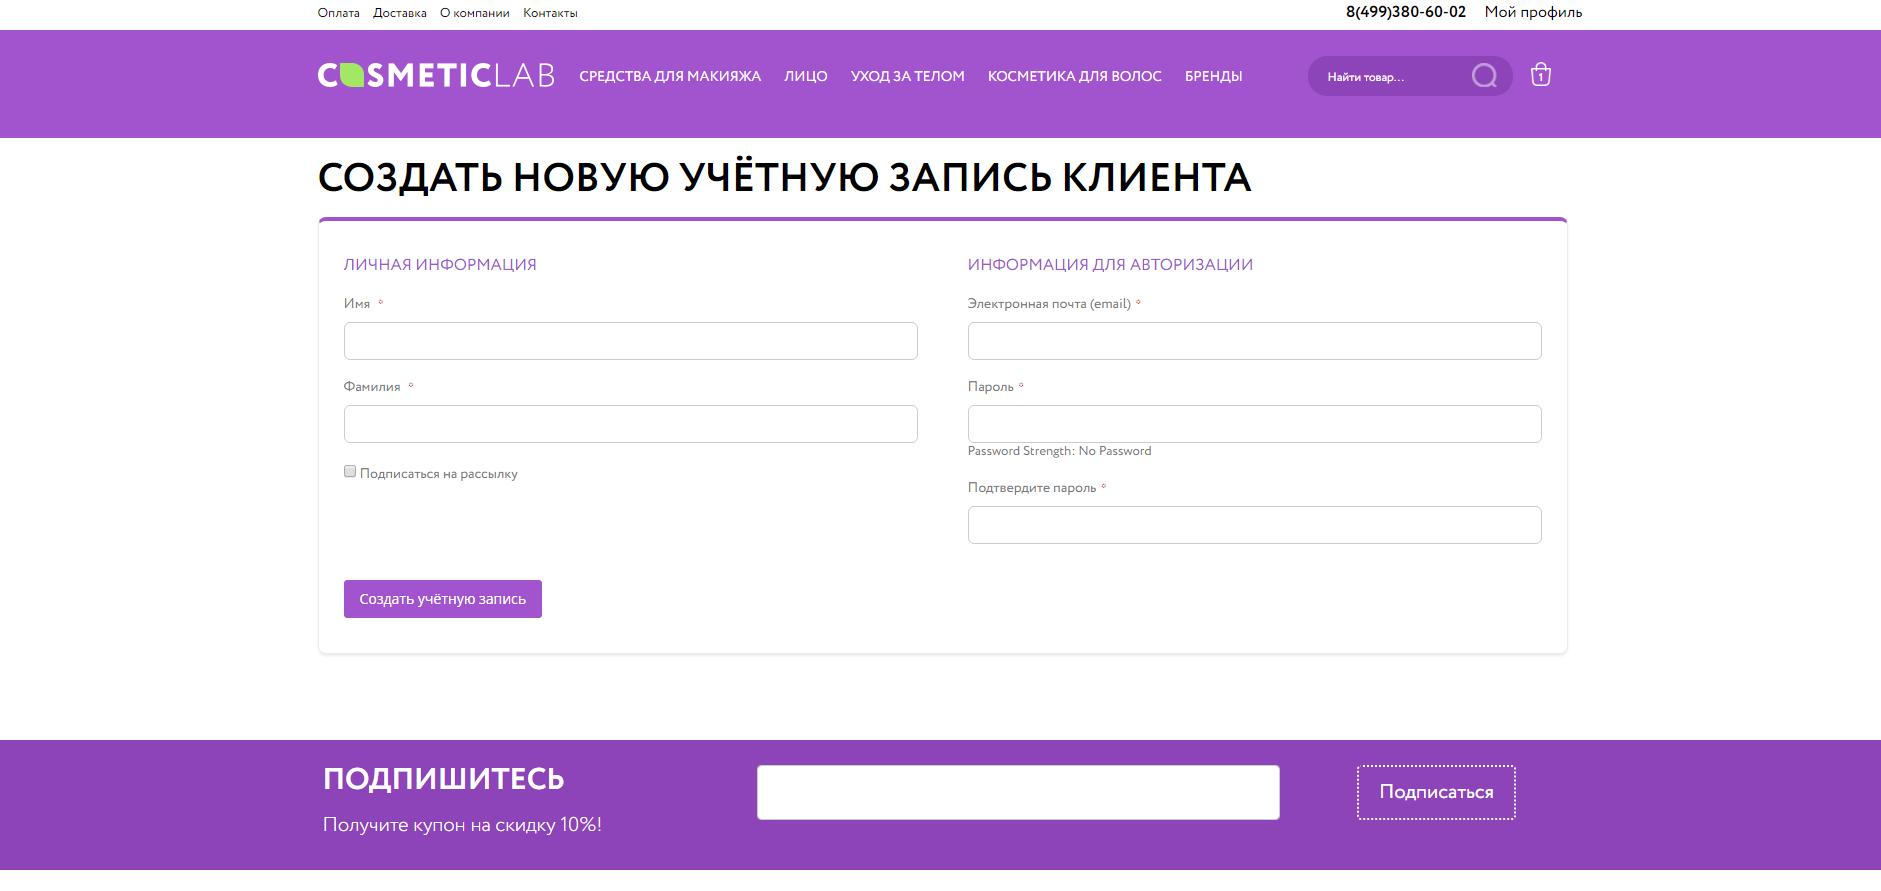 Дизайн сайта magento